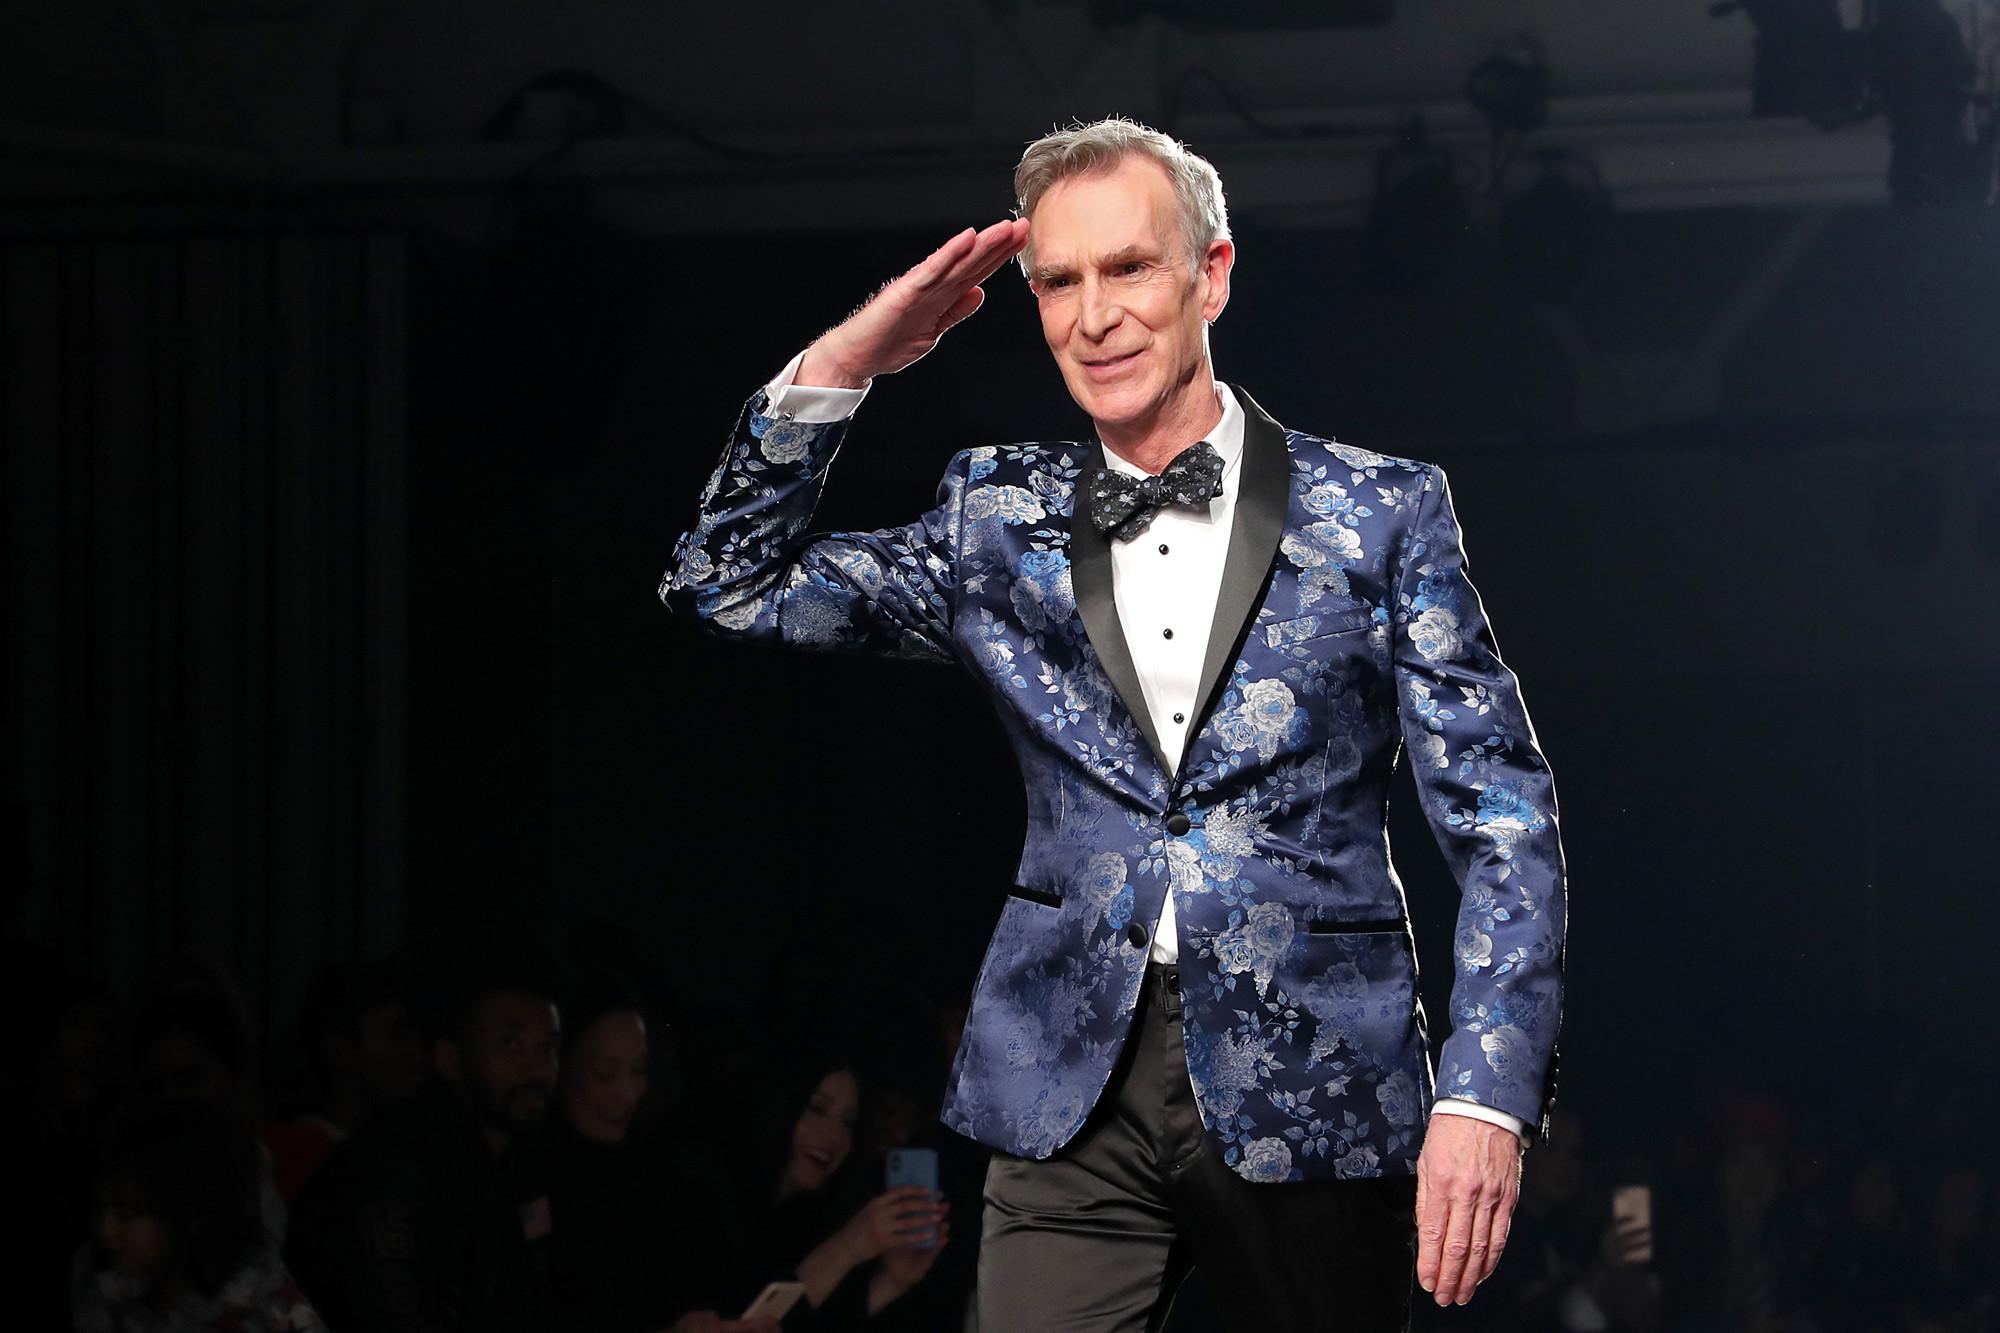 tuần lễ thời trang new york nam thu đông 2020 the blue jacket fashion show bill nye